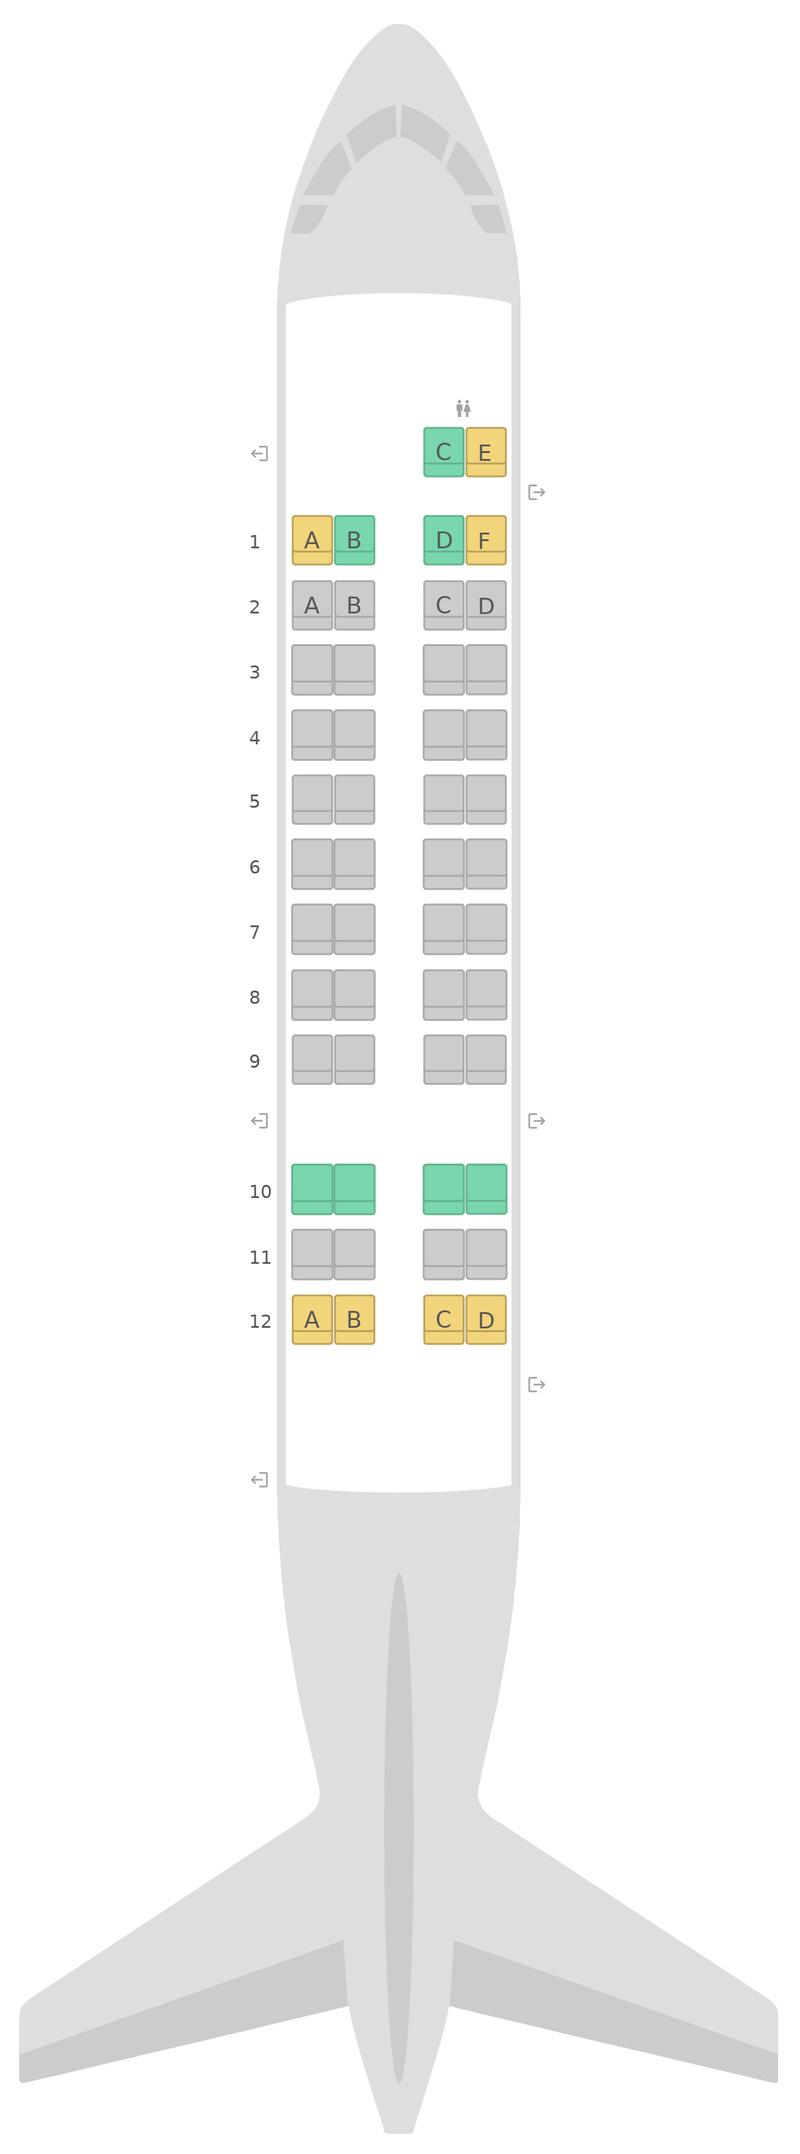 Seat Map Qantas de Havilland Dash 8-300 (DH3)